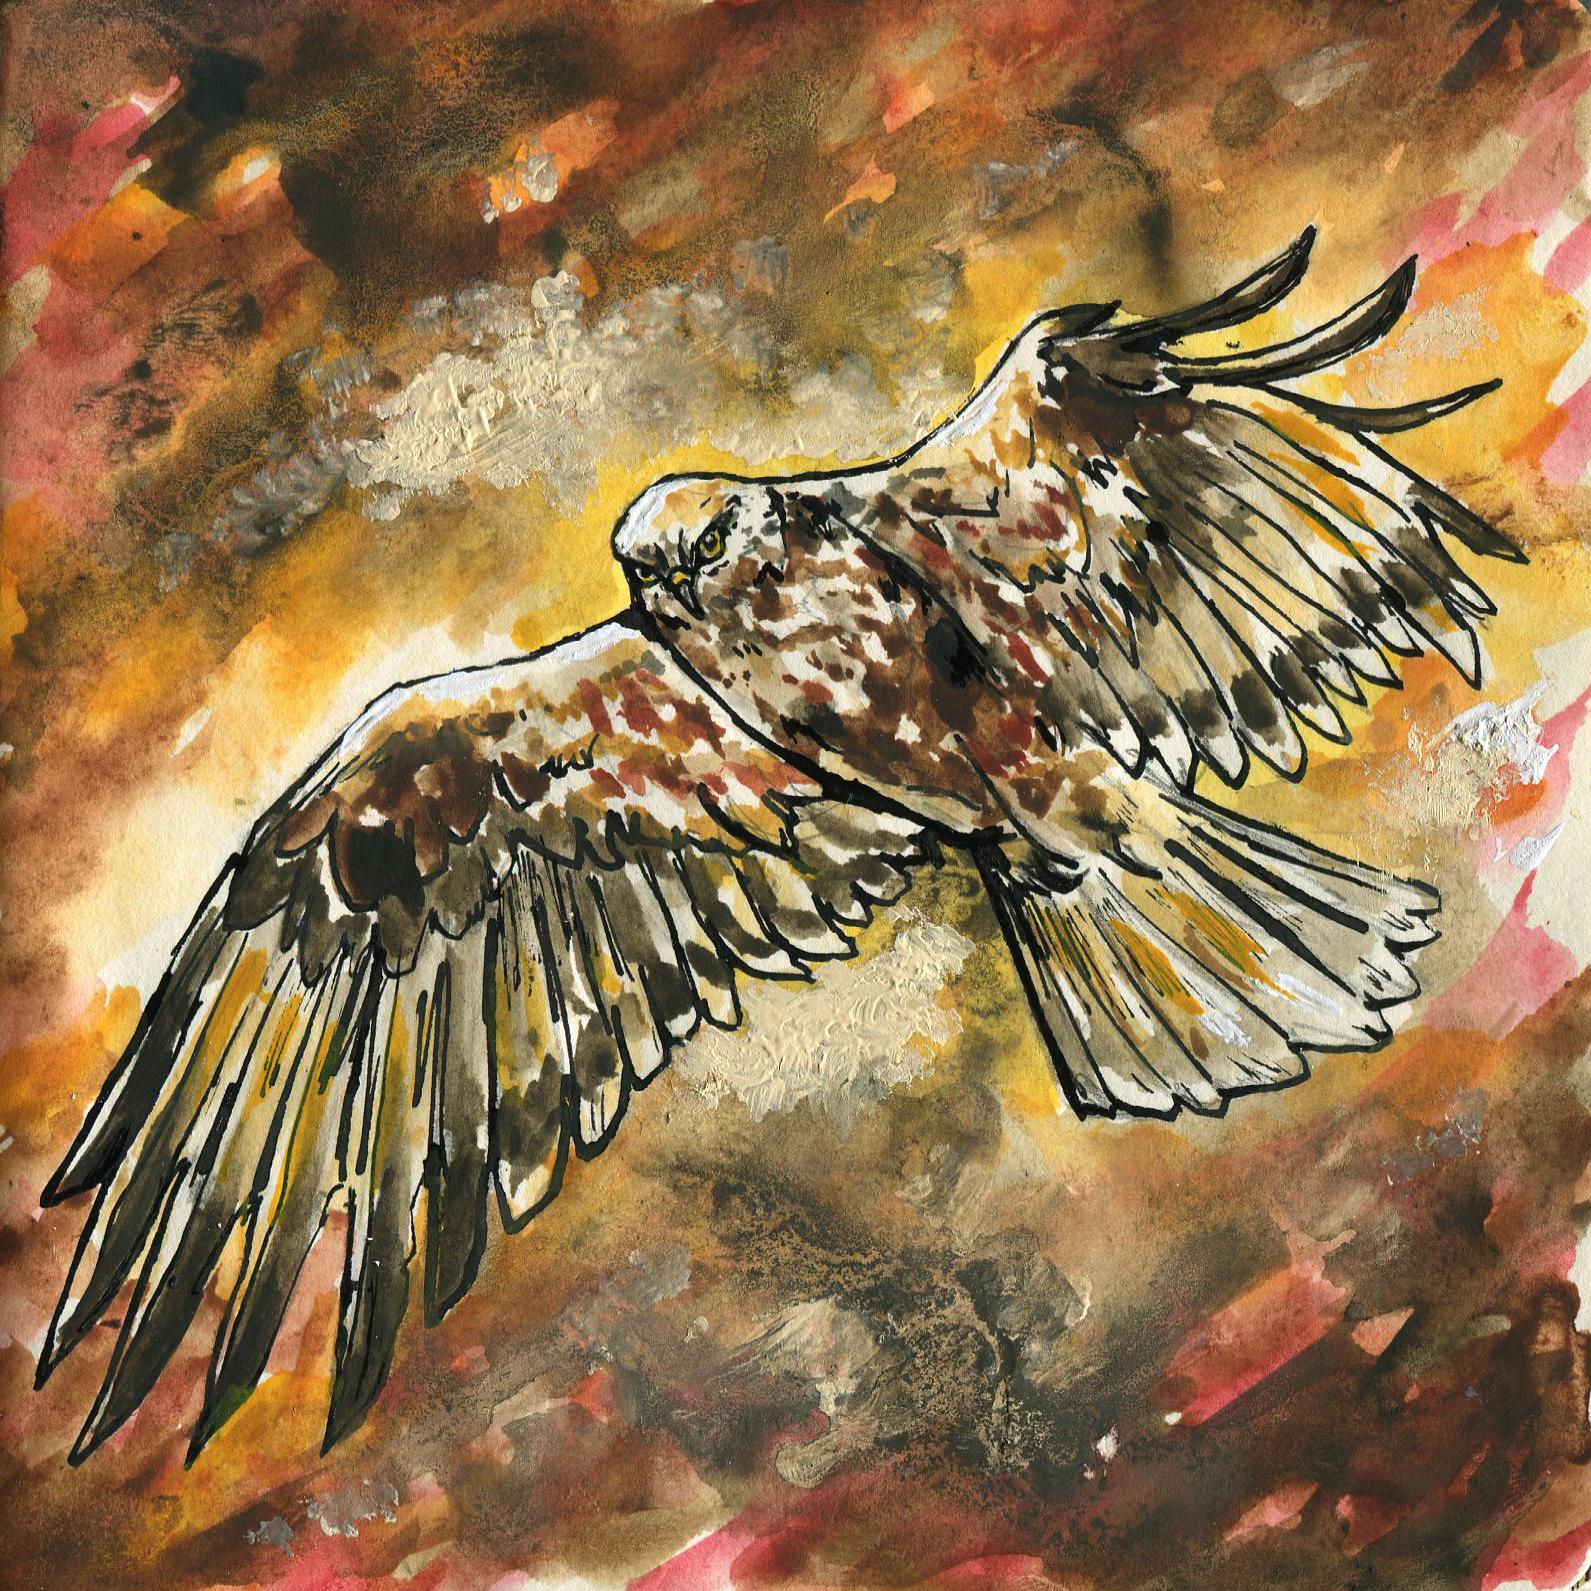 229. Rough-legged Hawk